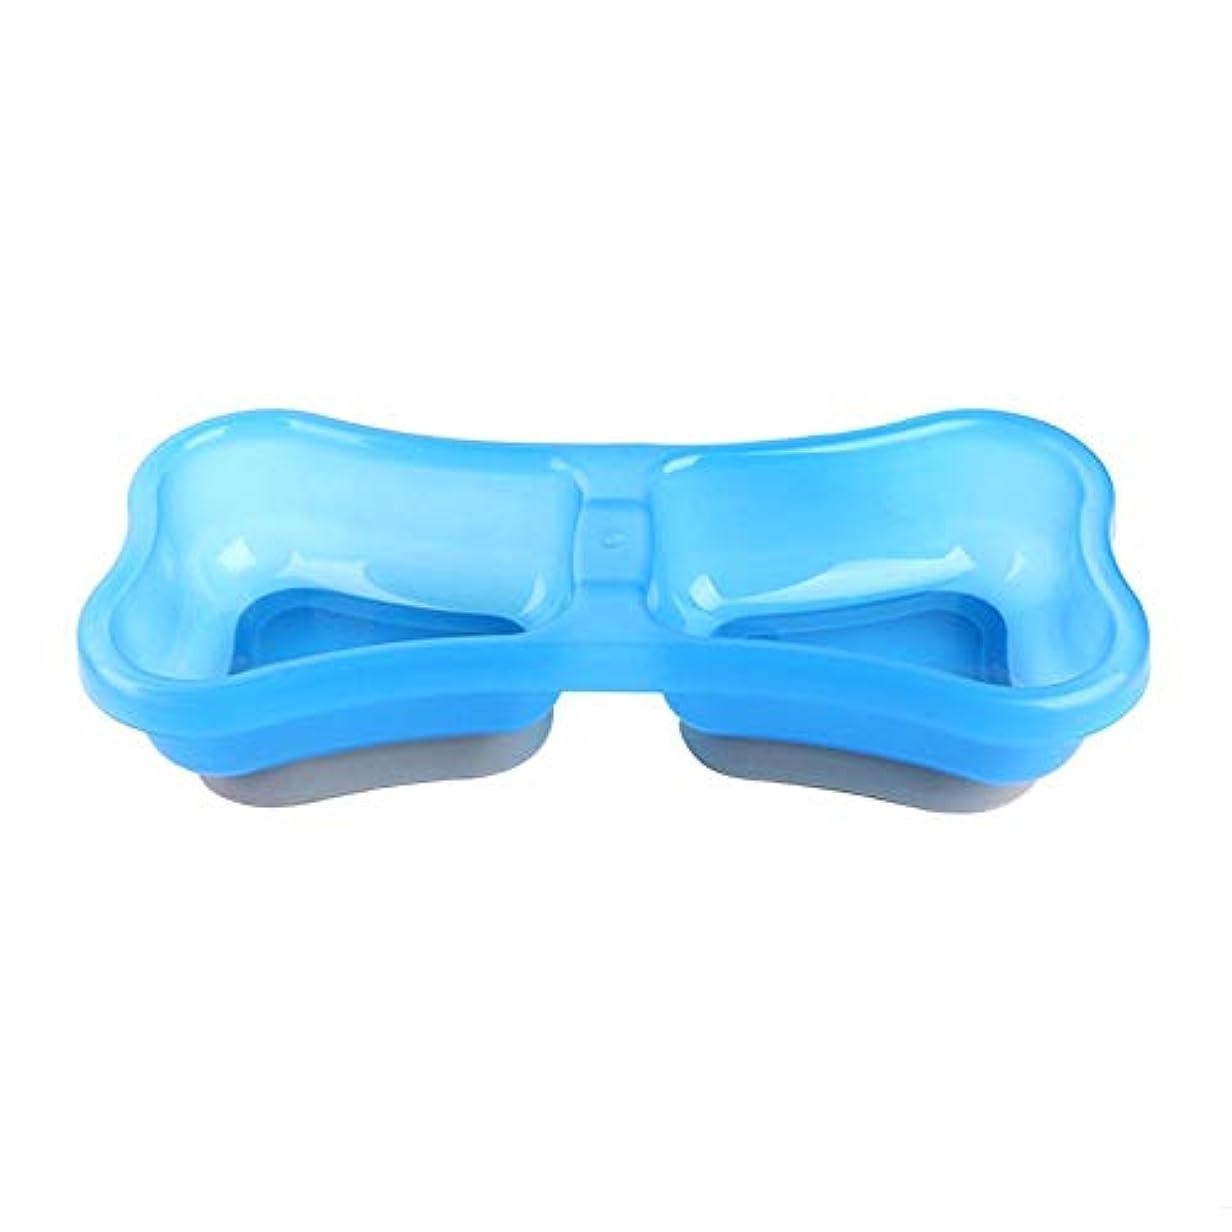 Demiawaking ペット用食器 ペットボウル 犬猫用 お餌入れ 給水 強力吸盤 ダブルボウル付き 高質量 滑り止め付き ペット用品 ライトブルー